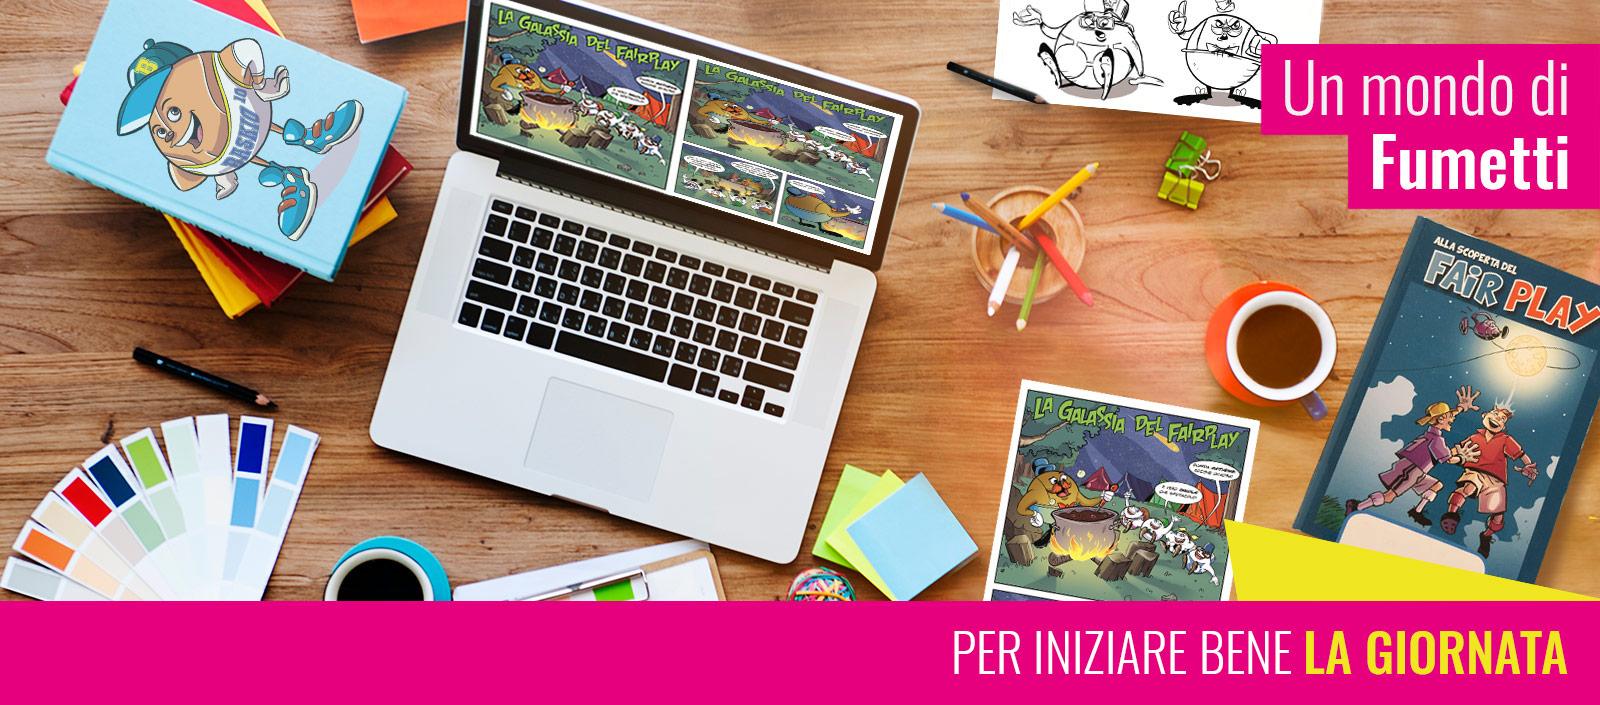 immagine con scrivania di un fumettista con immegini di fumetti e la scritta: un mondo di fumetti per iniziare bene la giornata